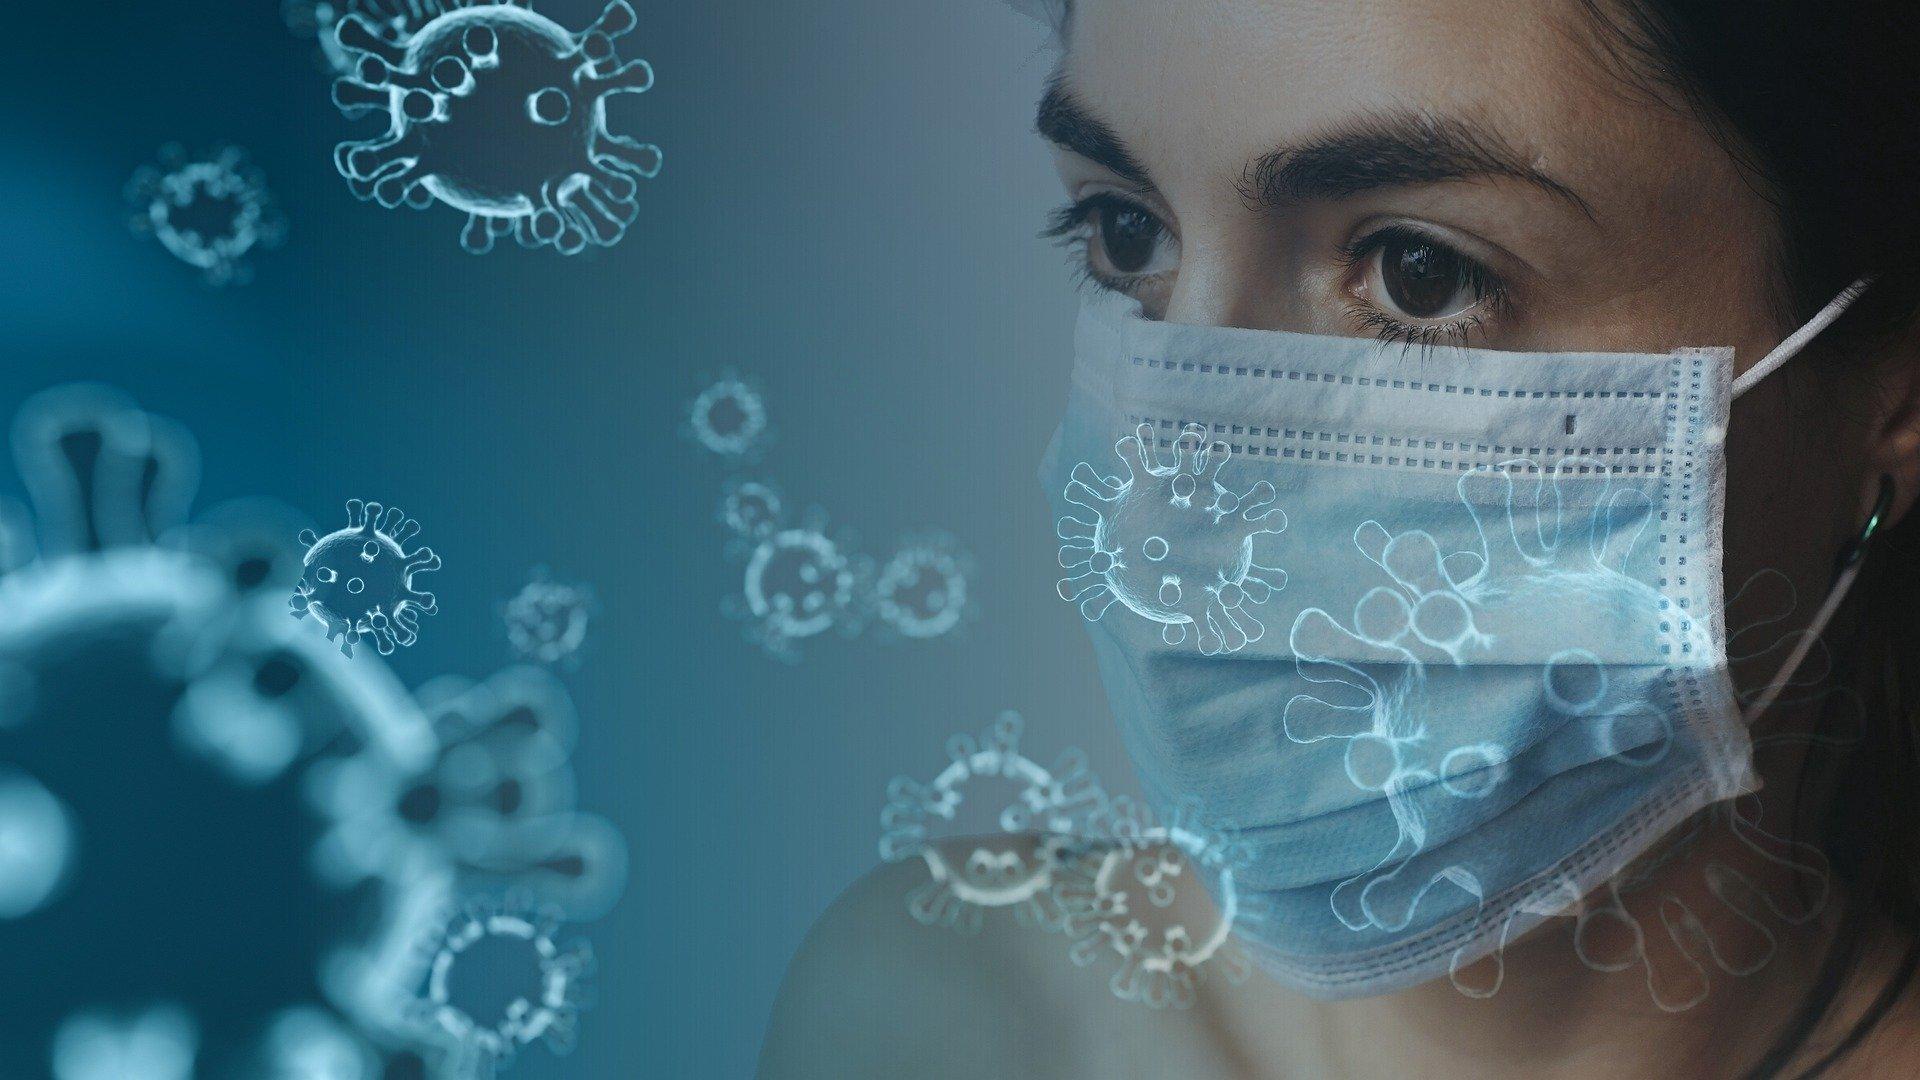 Odpovídá víře útěk před epidemii? Co nás učí Martin Luther o koronaviru